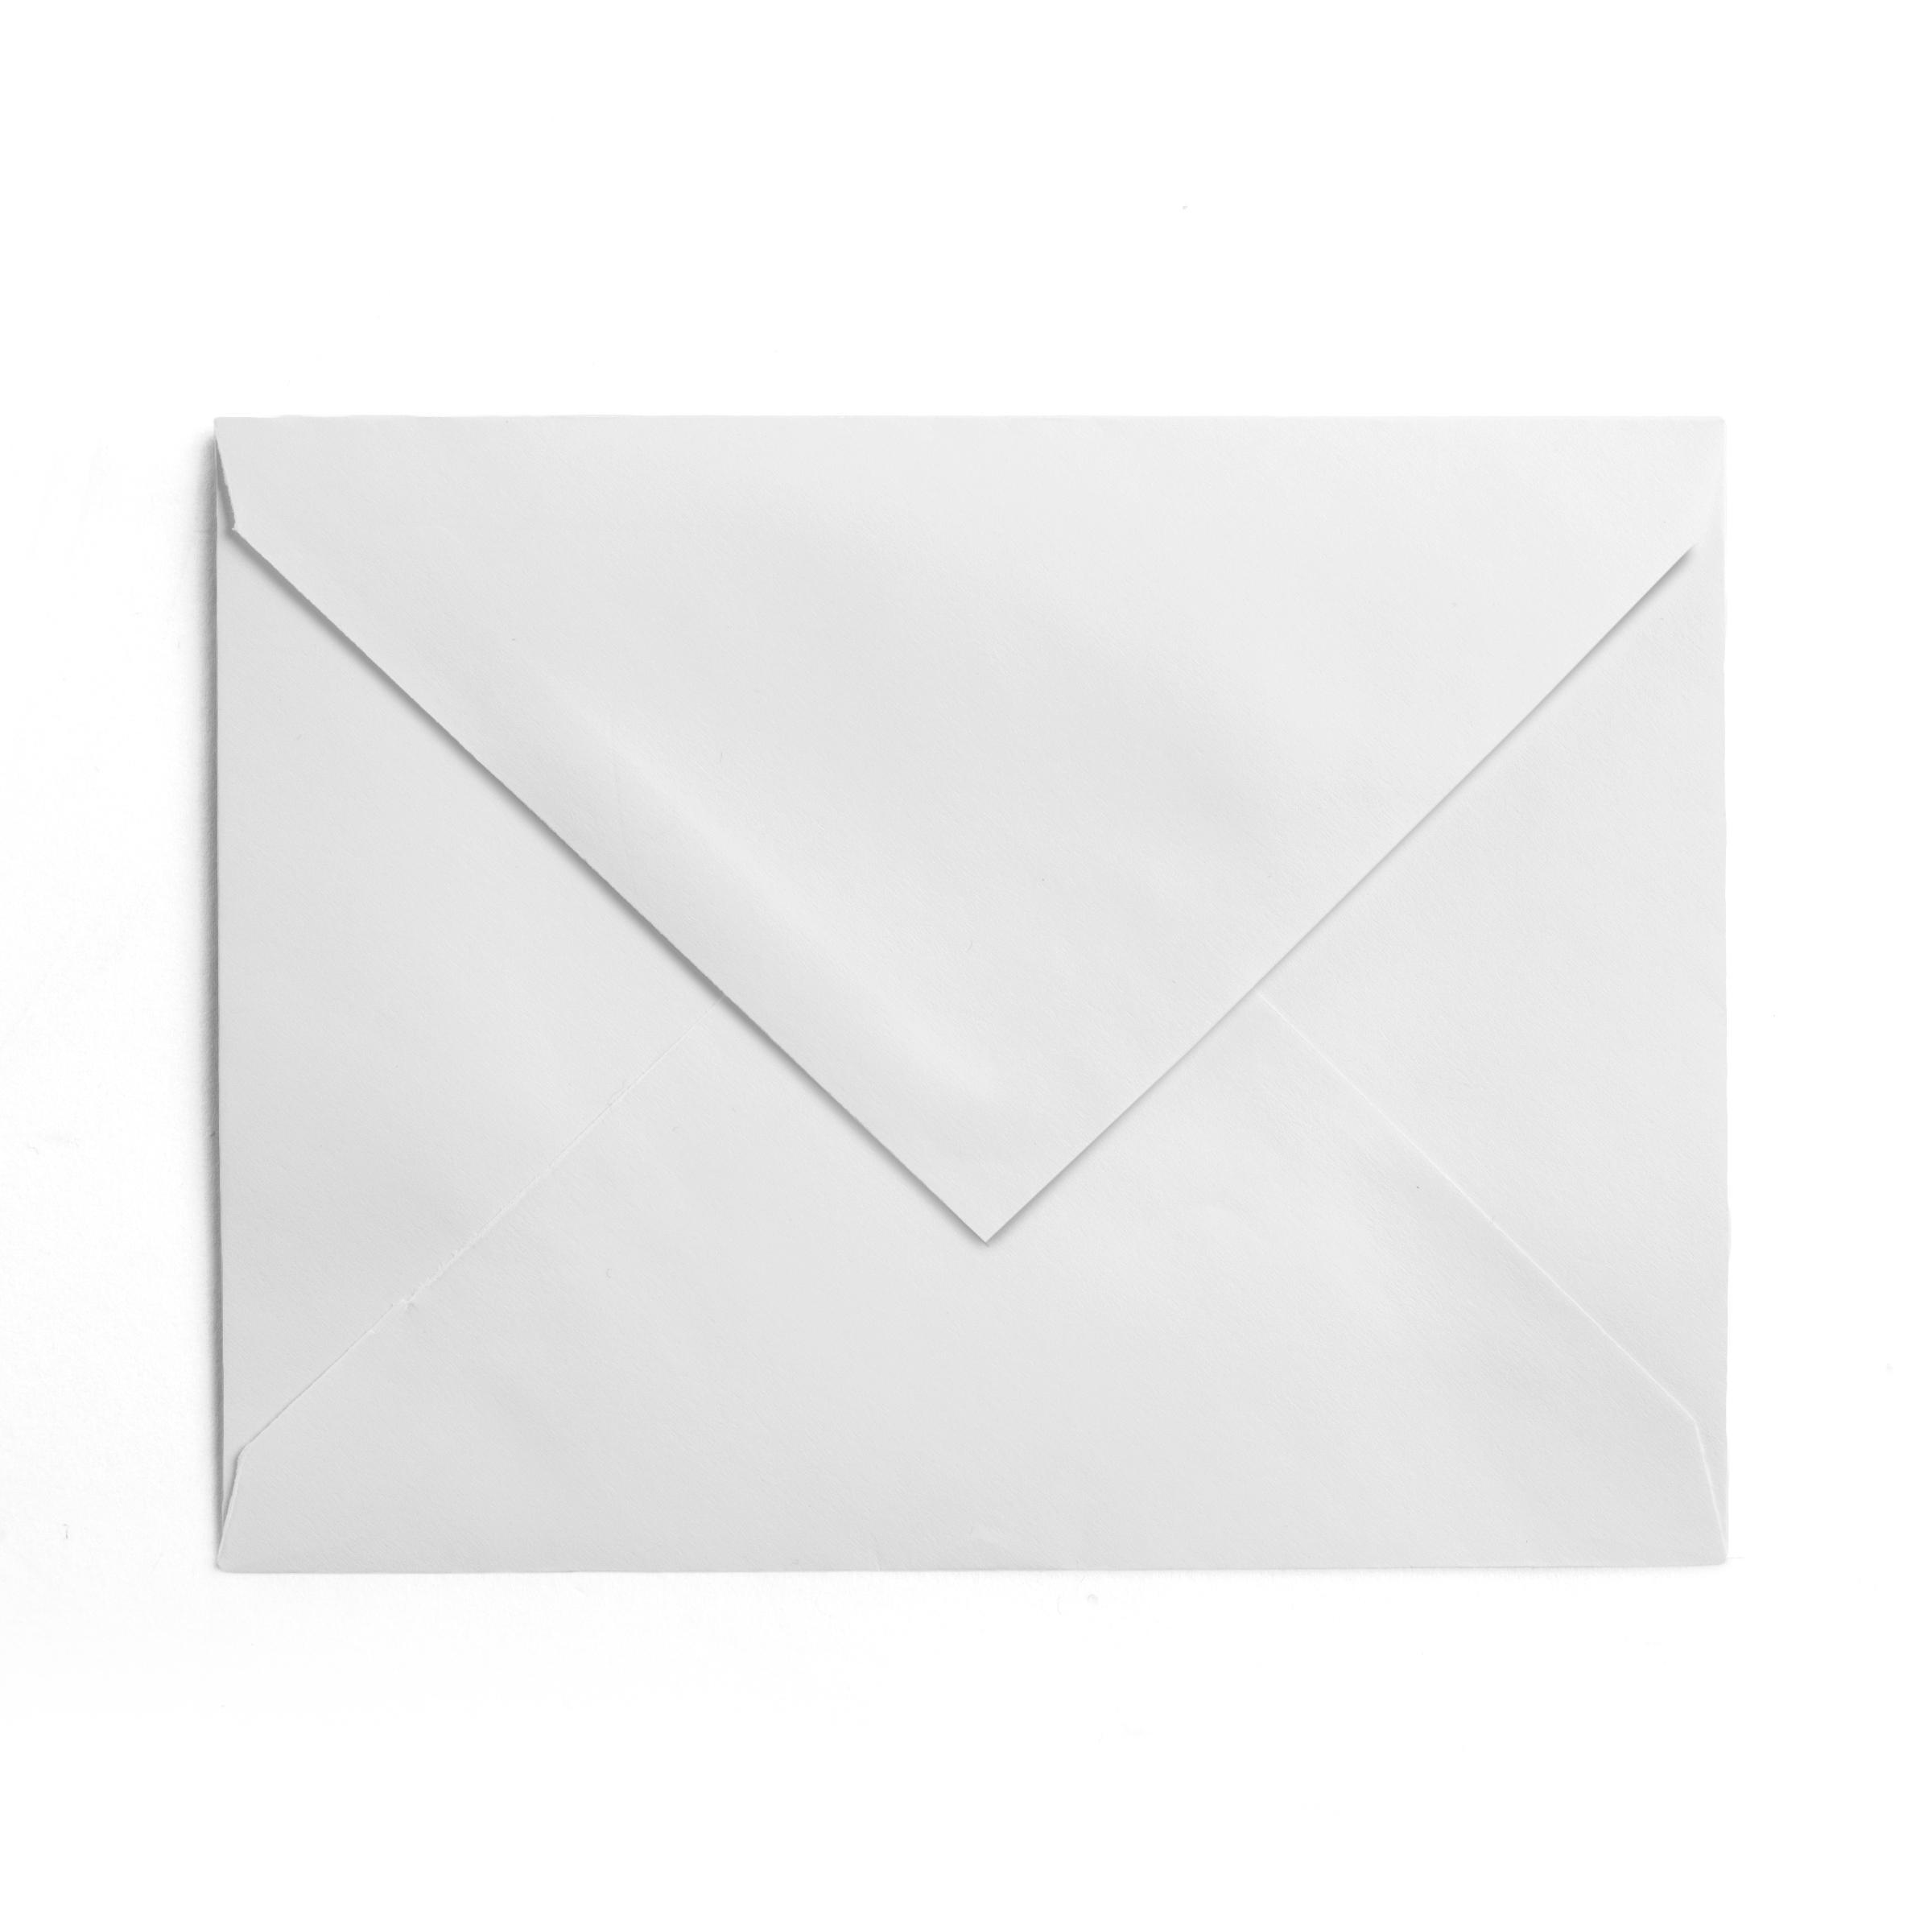 6n a2 invitation envelopes, v flap gummed closure 100 per box,A2 Invitation Envelopes